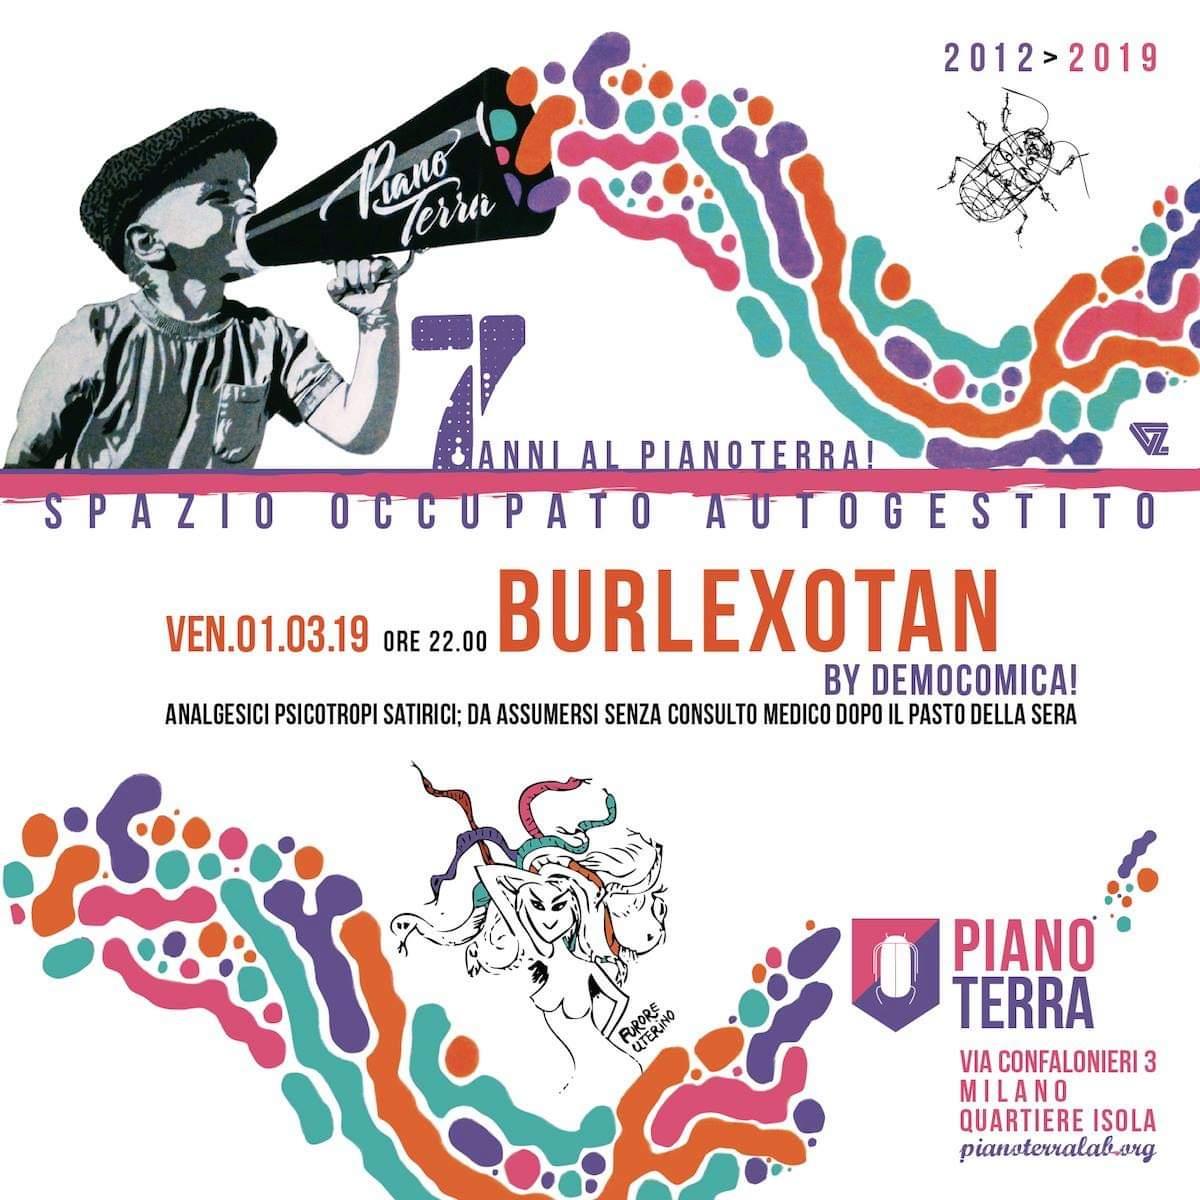 Burlexotan: il cabaret del venerdì a Piano Terra